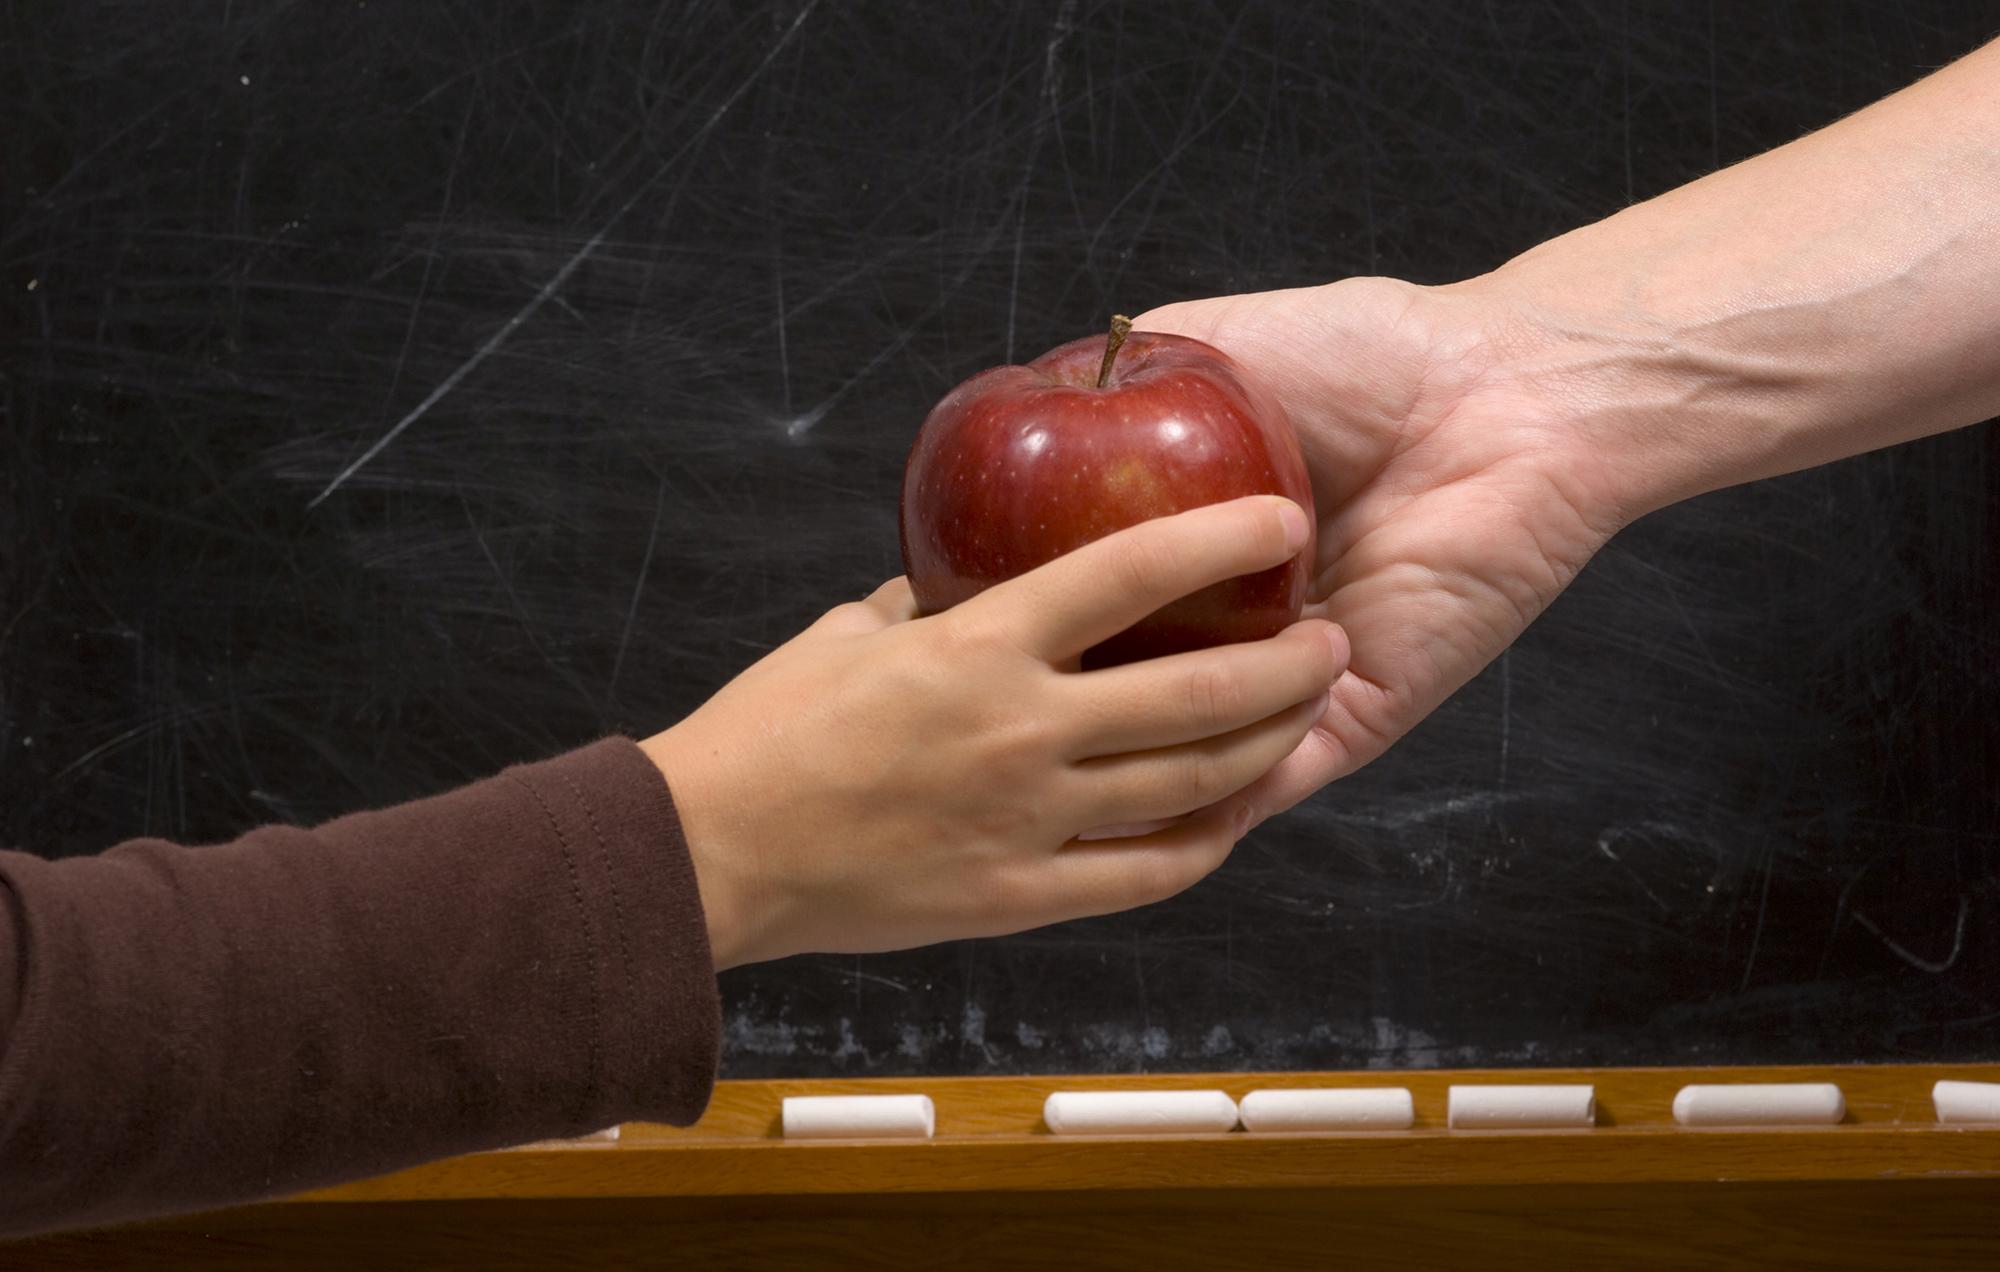 Lo scambio di una mela